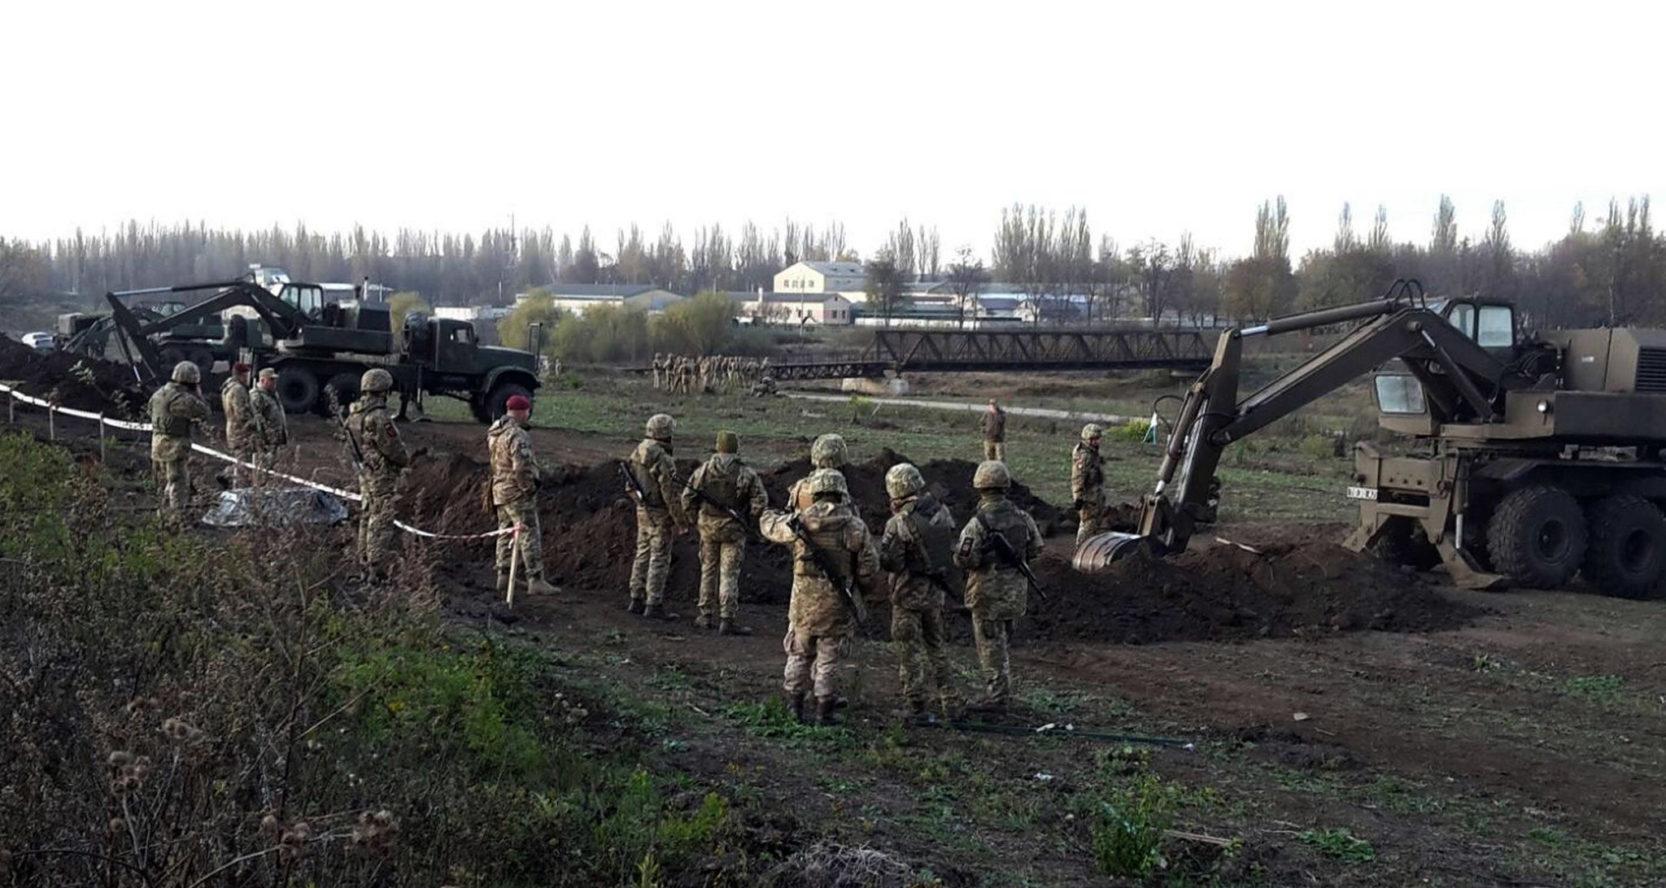 Найкращим інженерним взводом ЗС України стали десантники з Миколаєва